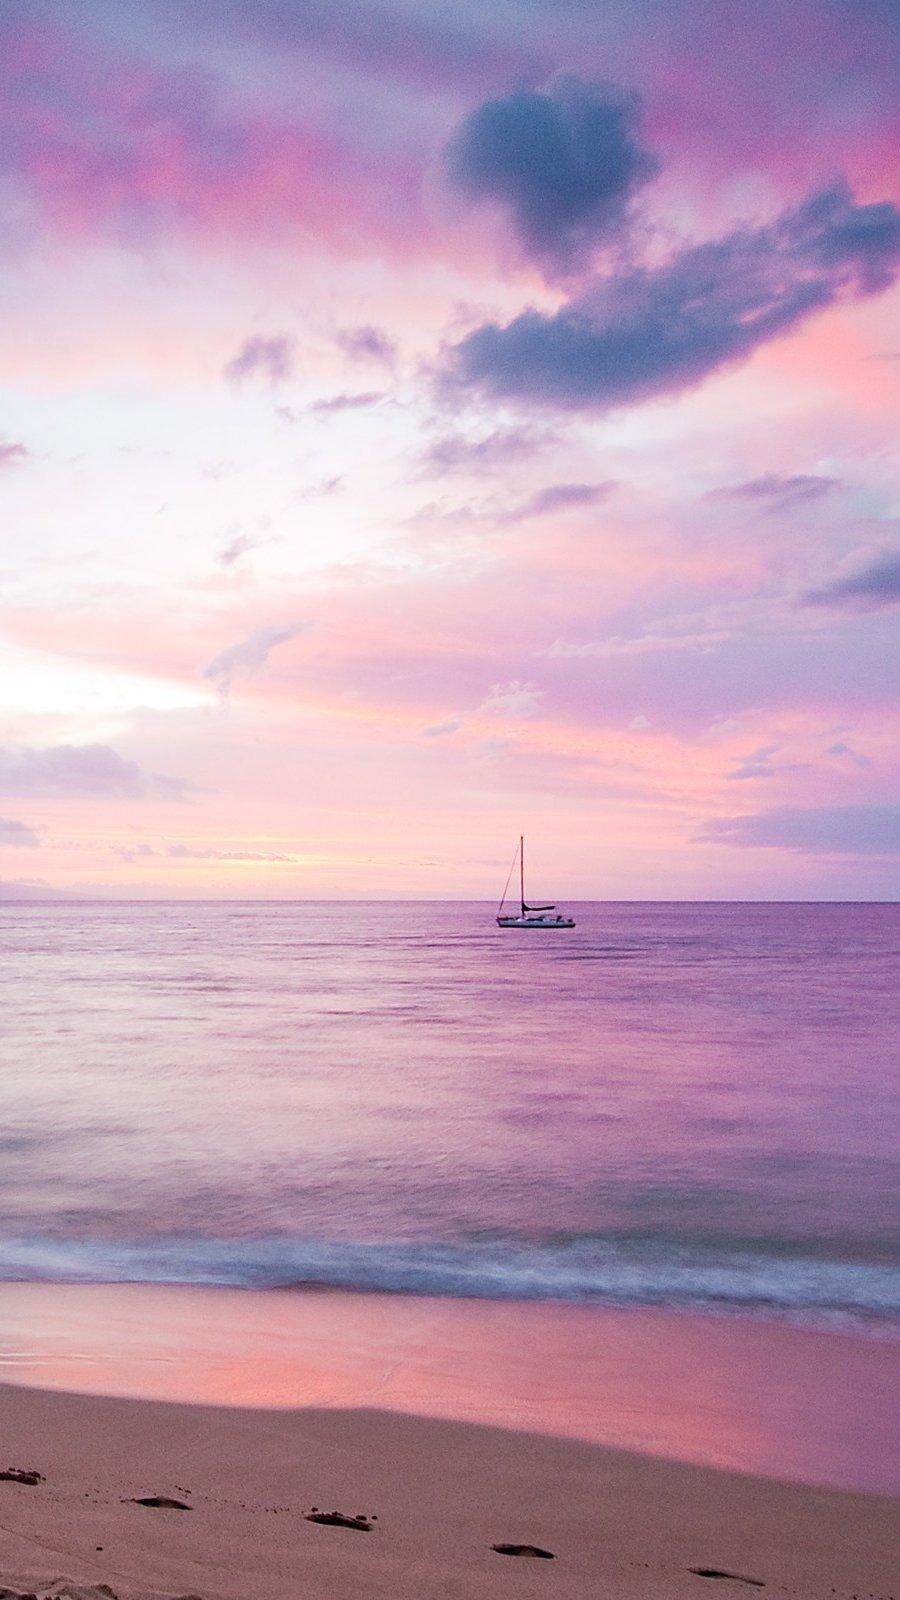 Fondos de pantalla Atardecer rosado en la playa Vertical